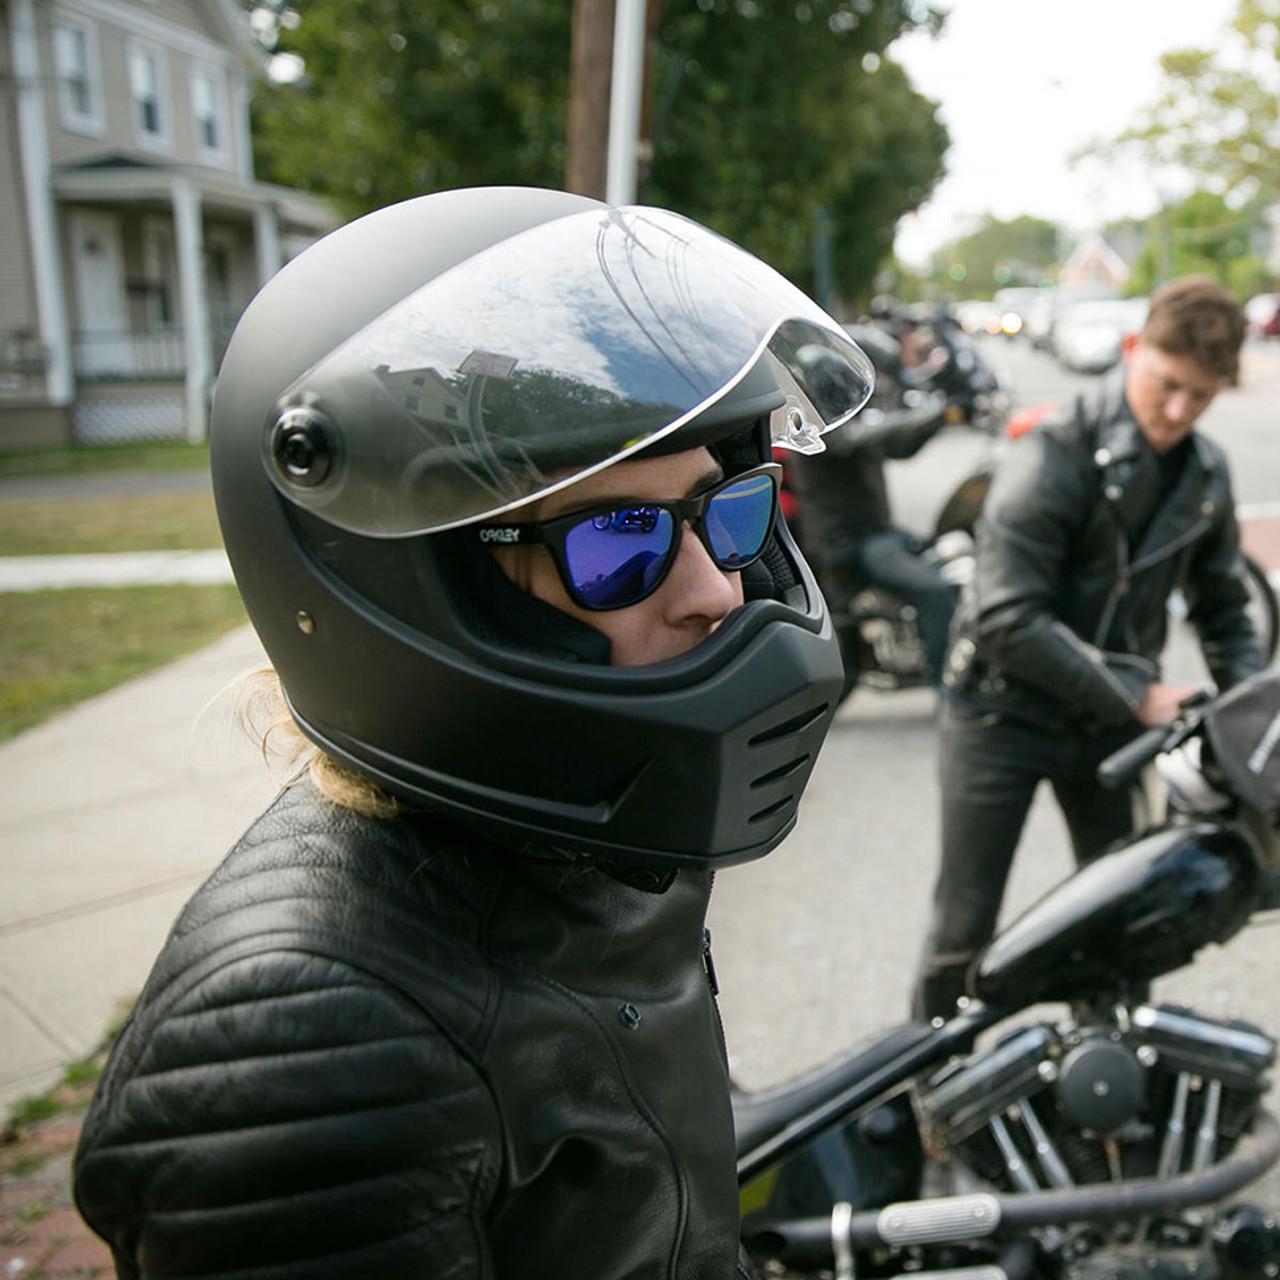 f1c6f4ed Biltwell Lane Splitter Helmet - Flat Black - Get Lowered Cycles